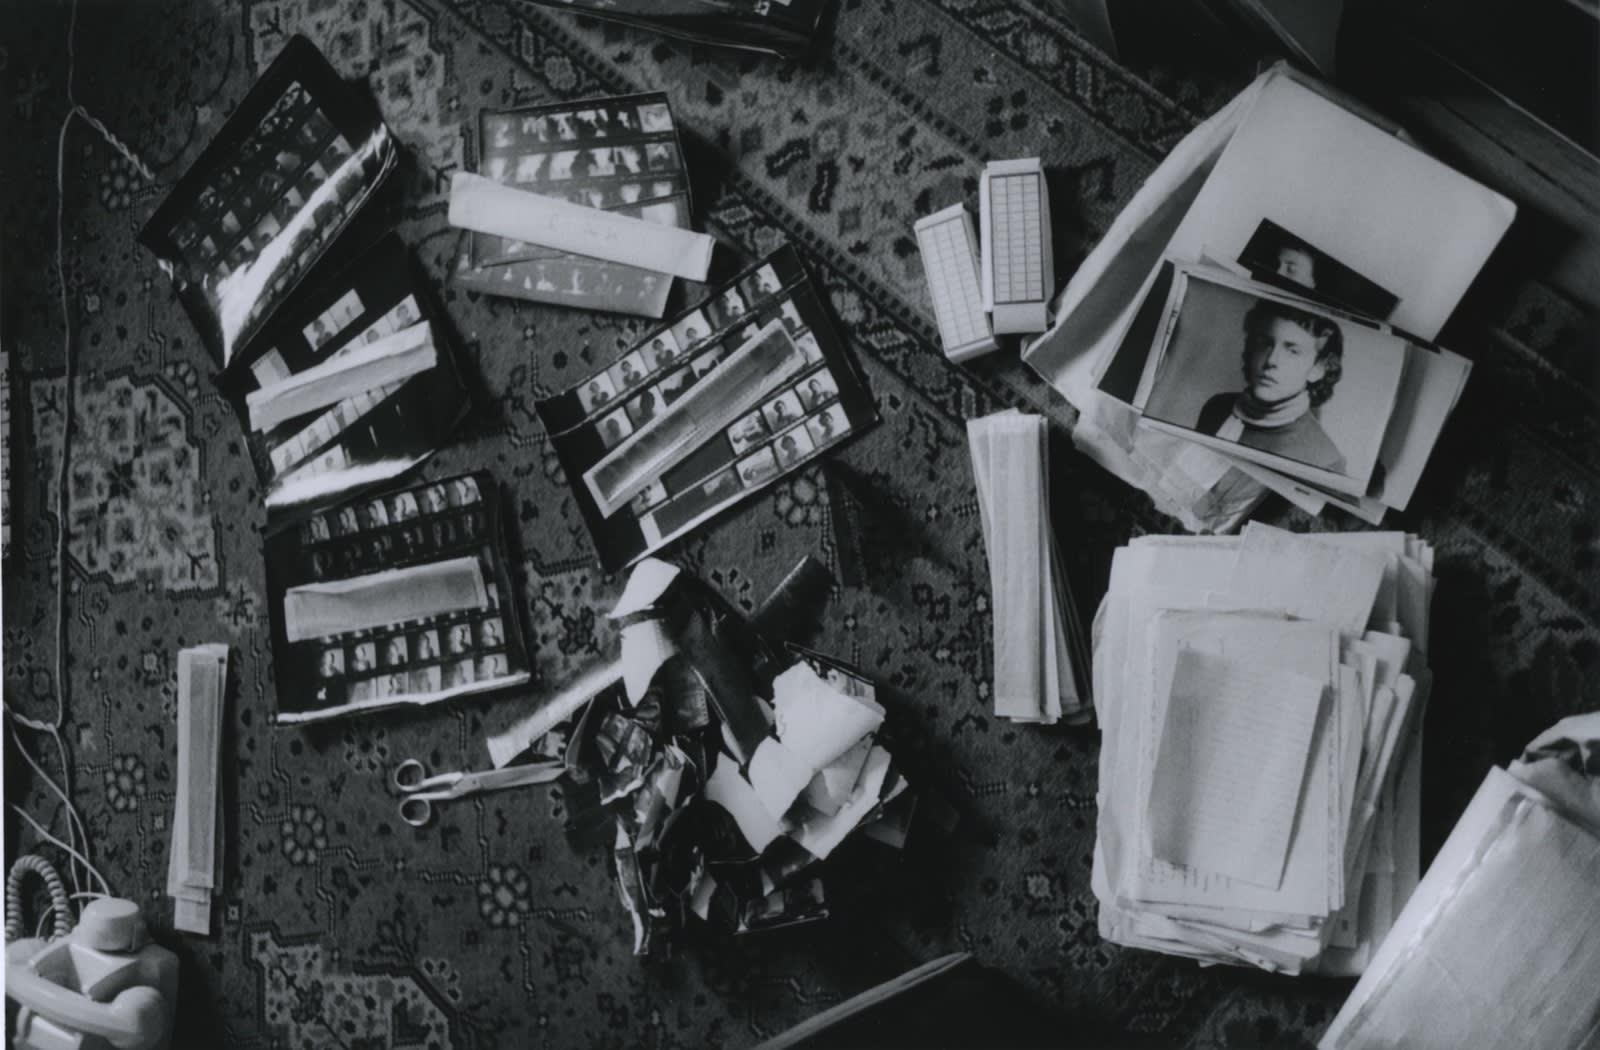 Hervé Guibert, Destruction des négatifs de jeunesse, rue du Moulin-Vert, 1987